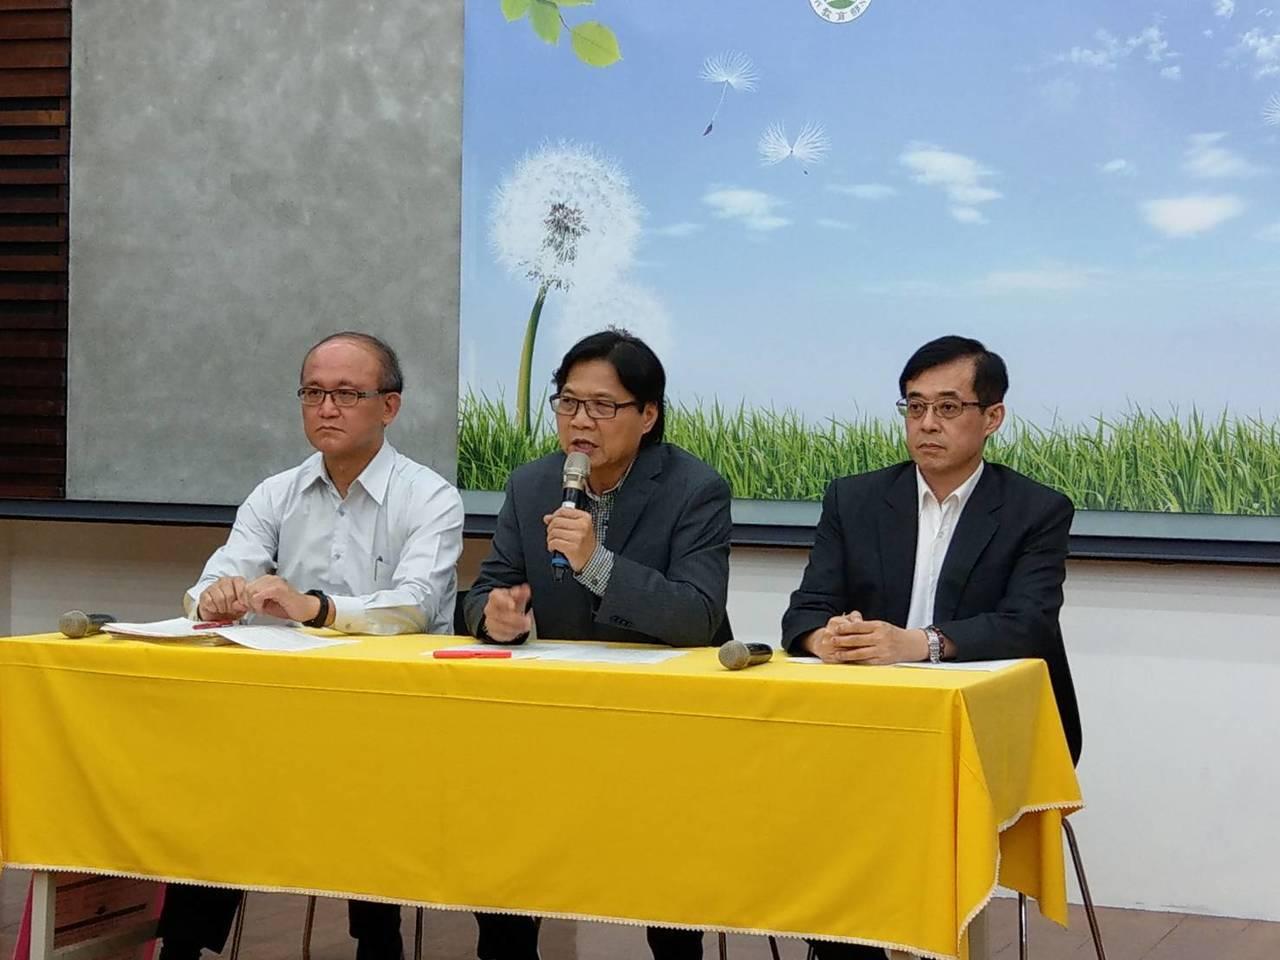 教育部長葉俊榮(中)下午召開臨時記者會,要求台大重啟校長遴選。記者張錦弘/攝影